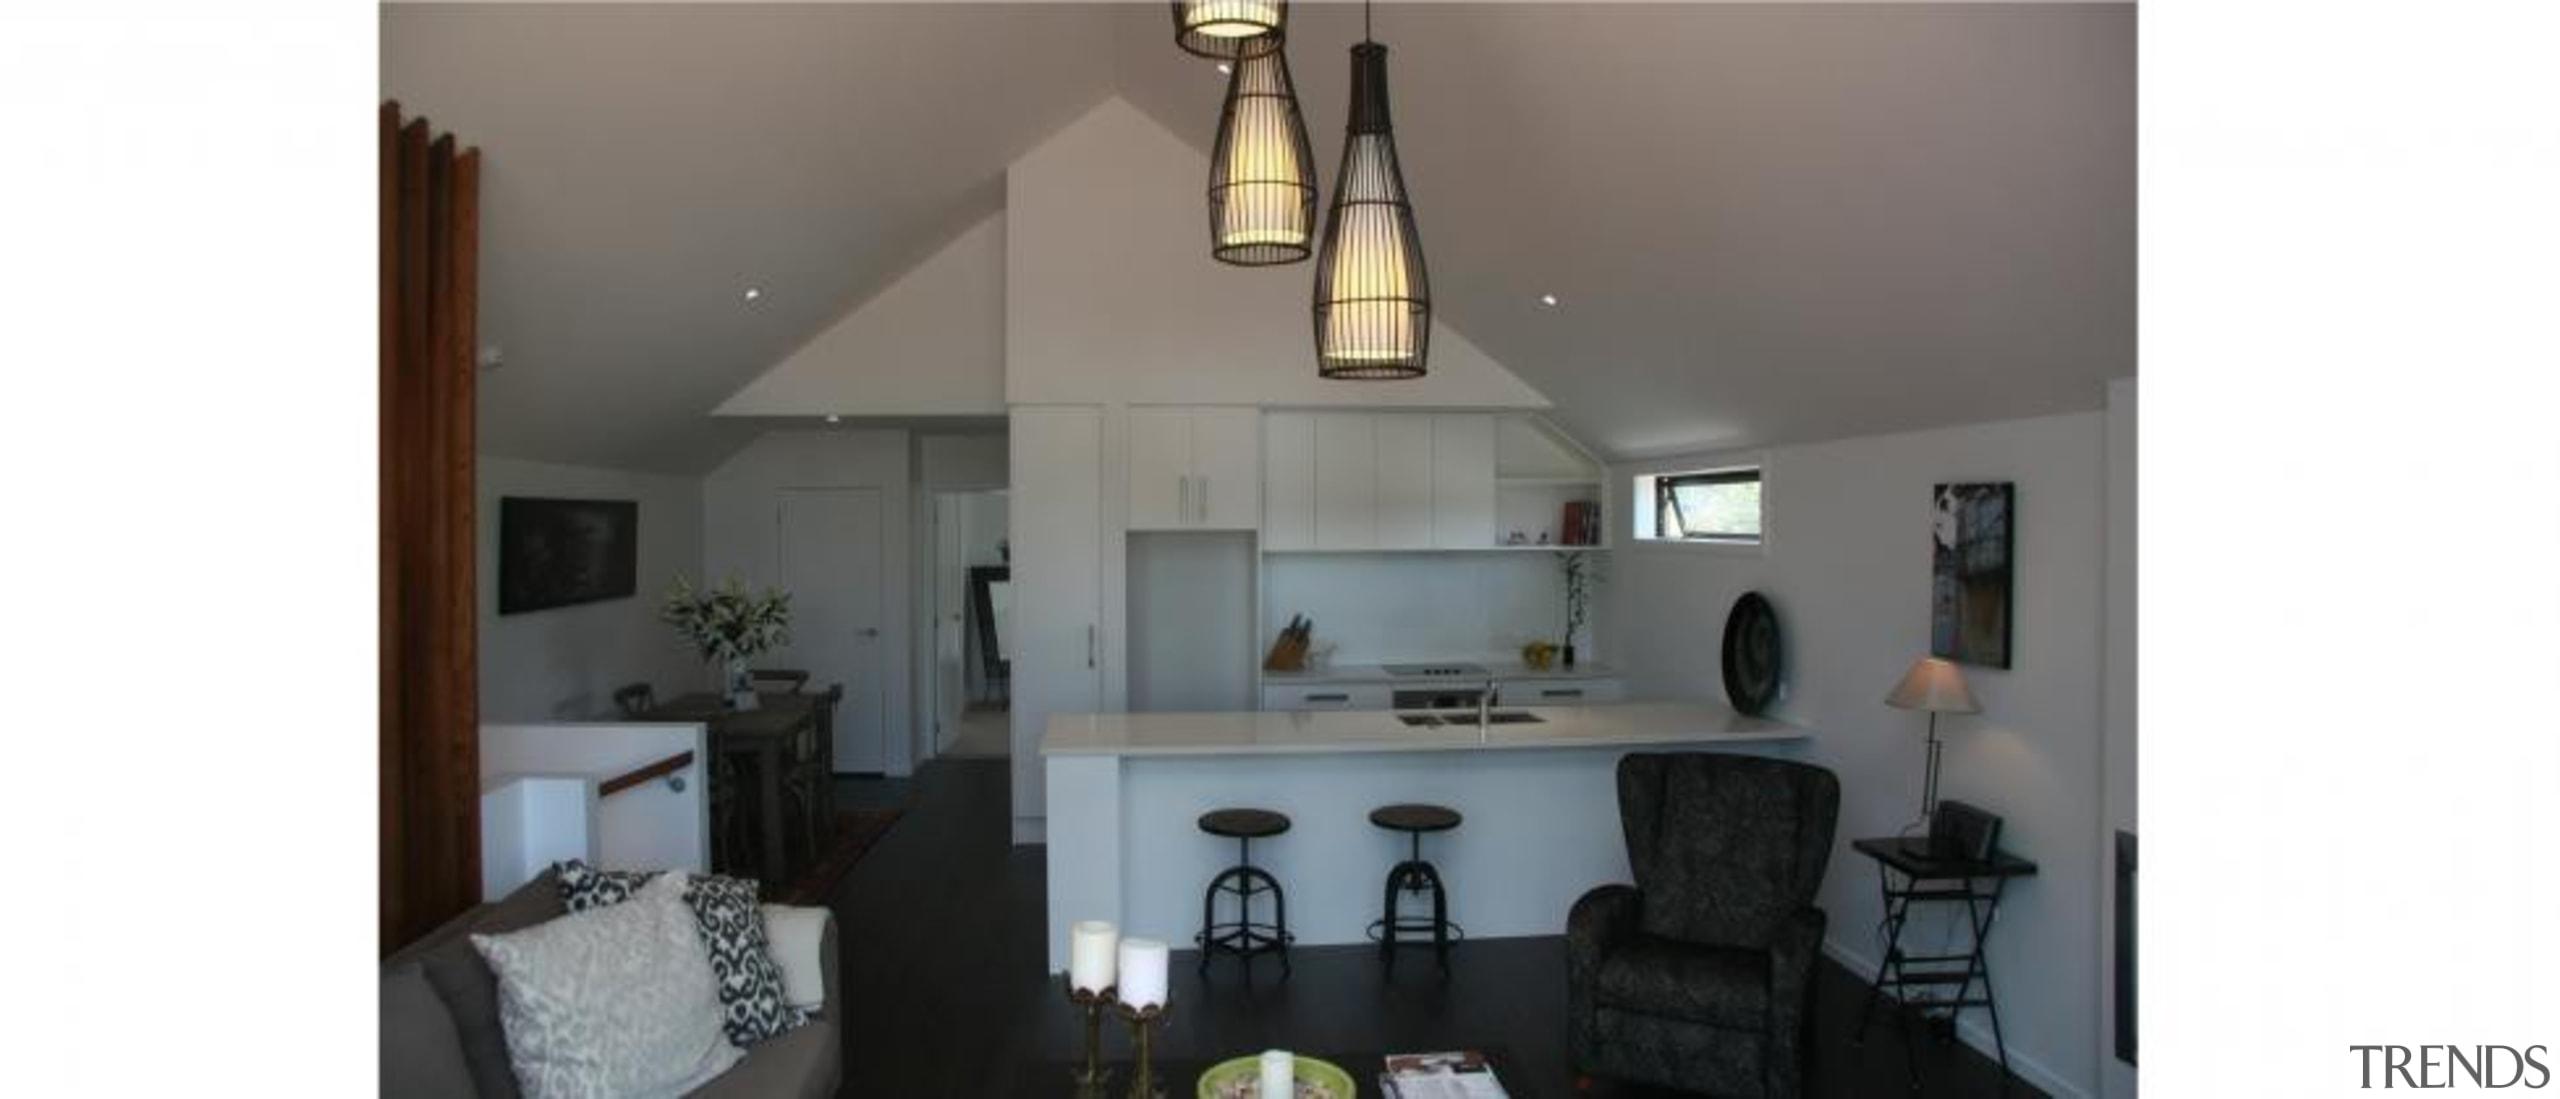 Multi unit design by Design House Architecture - home, interior design, property, room, gray, white